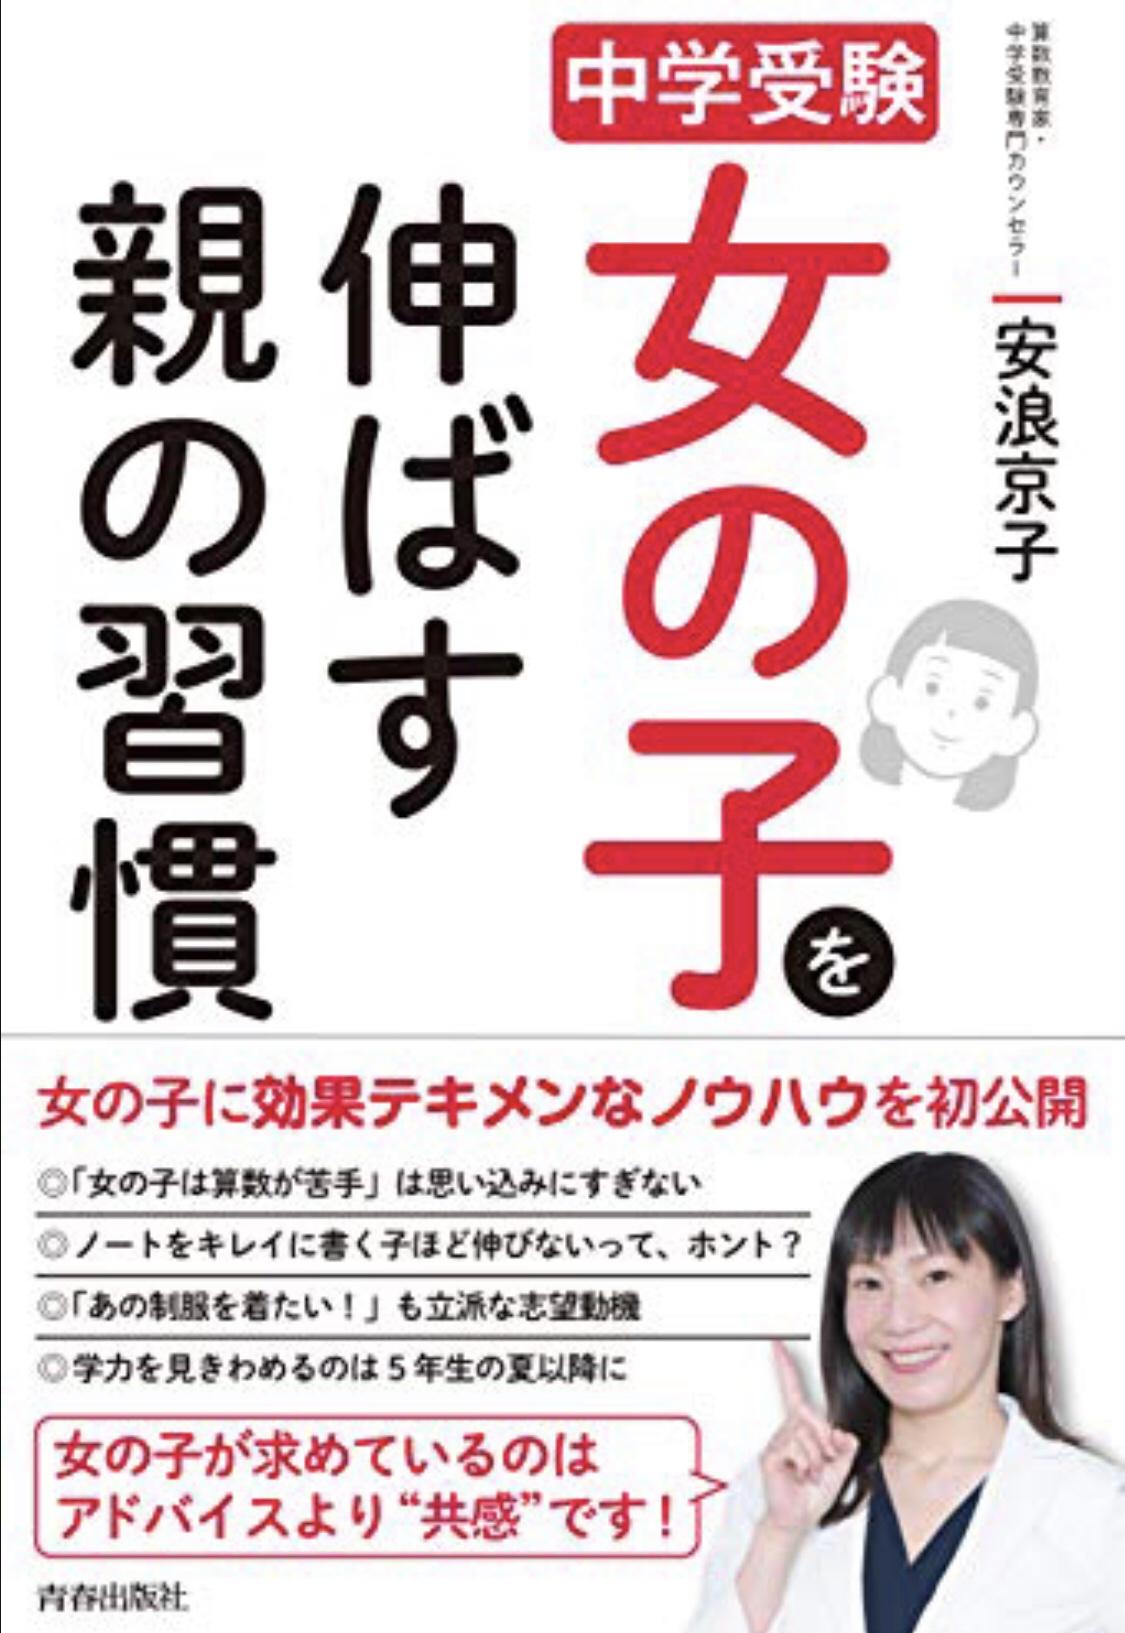 <書籍を知る>『中学受験 女の子を伸ばす親の習慣』安浪 京子